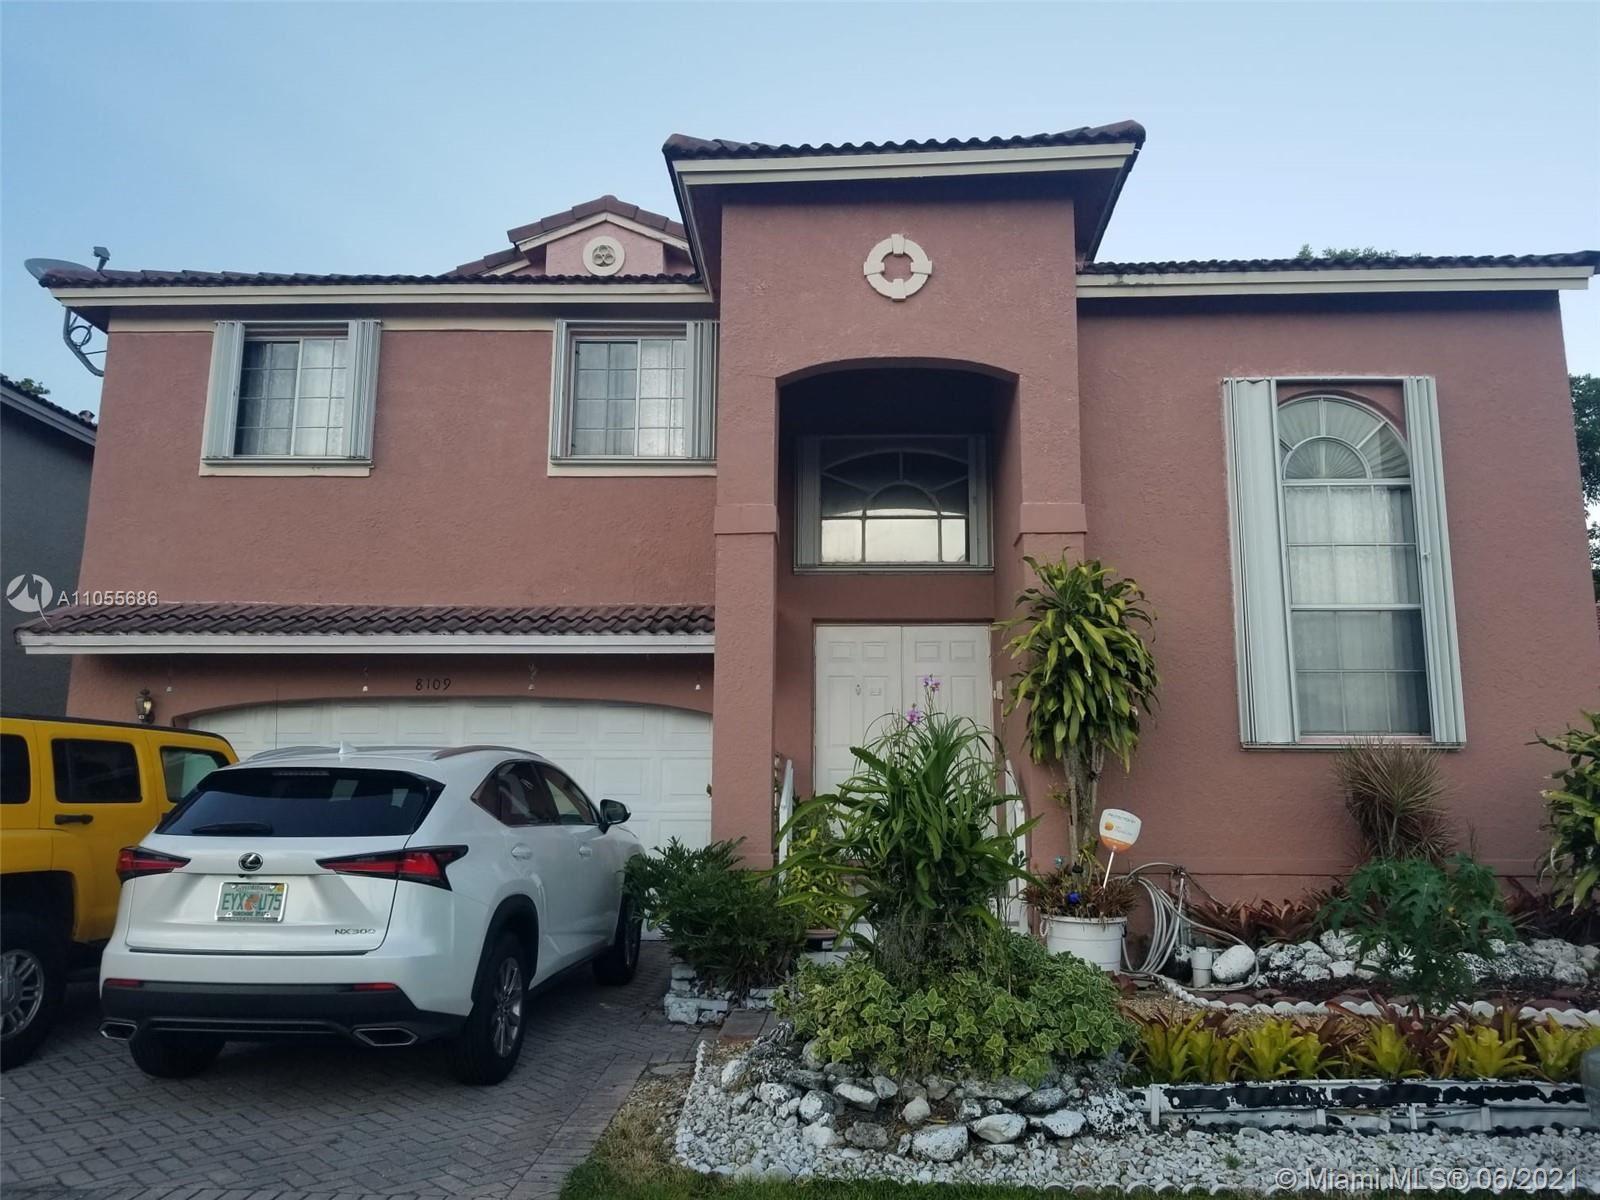 8109 SW 157th Ct, Miami, FL 33193 - #: A11055686